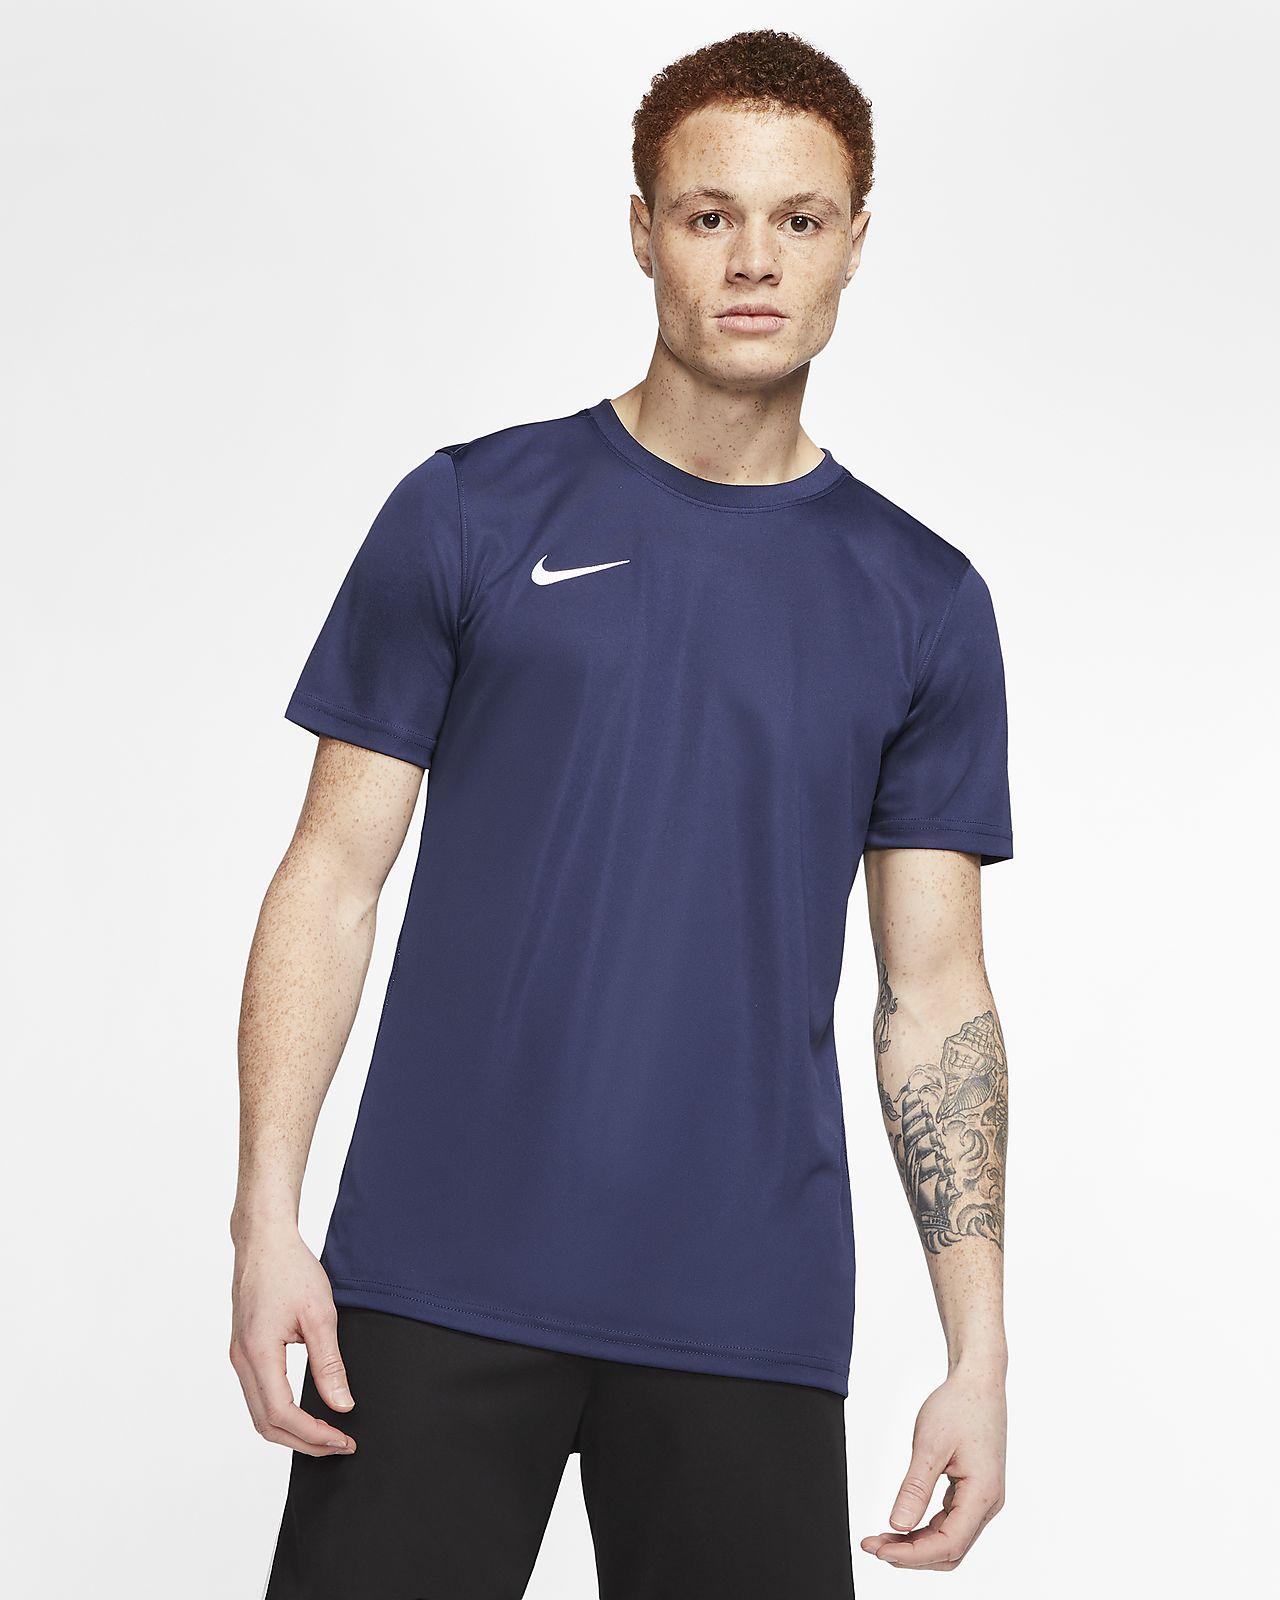 Nike Dri-FIT Park 7 Herren-Fußballtrikot